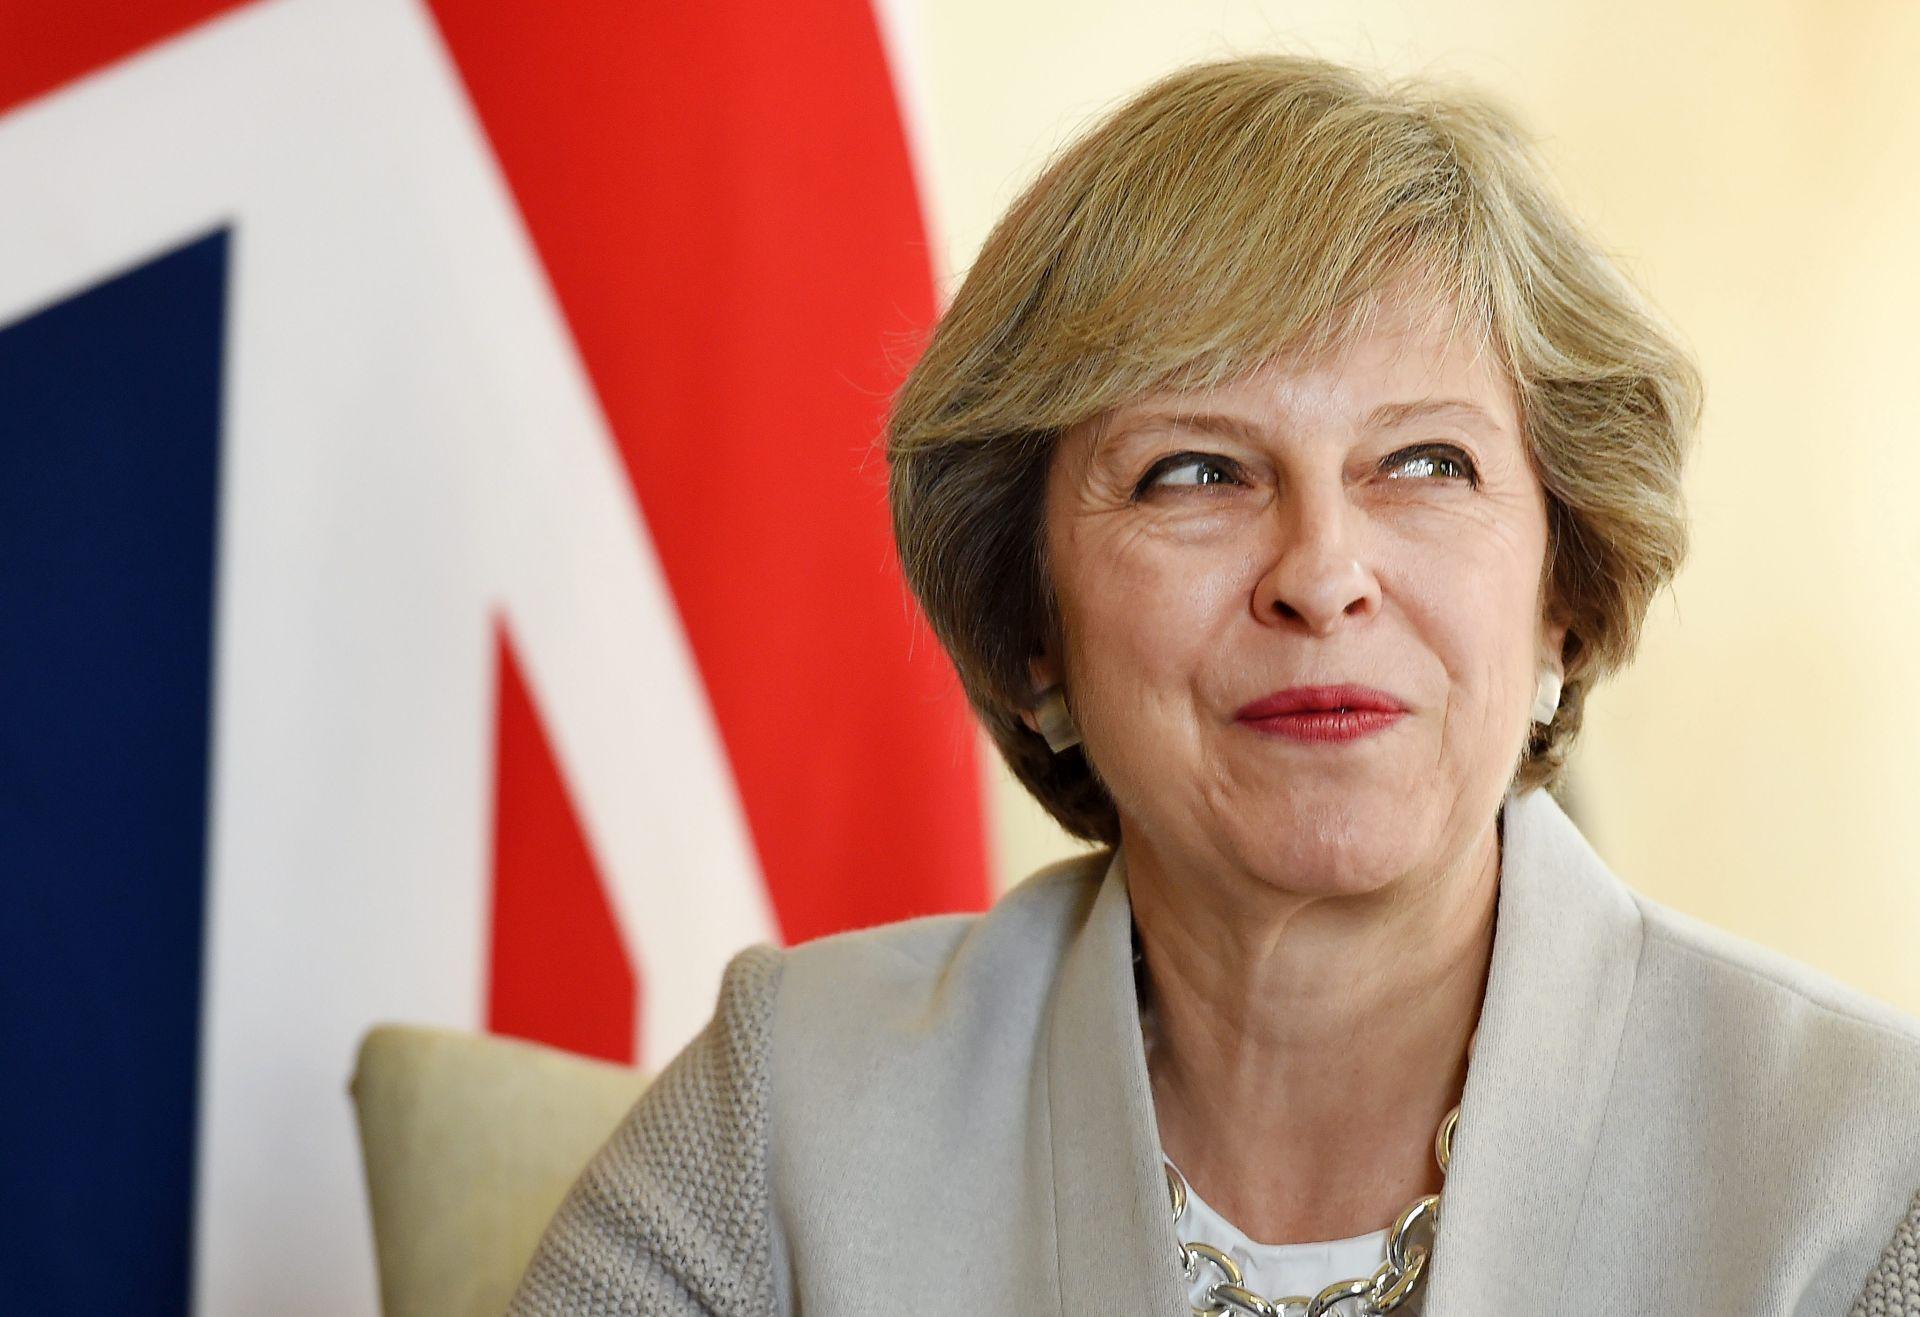 THERESA MAY: Britanija će pokrenuti izlazak iz EU-a do kraja ožujka 2017.